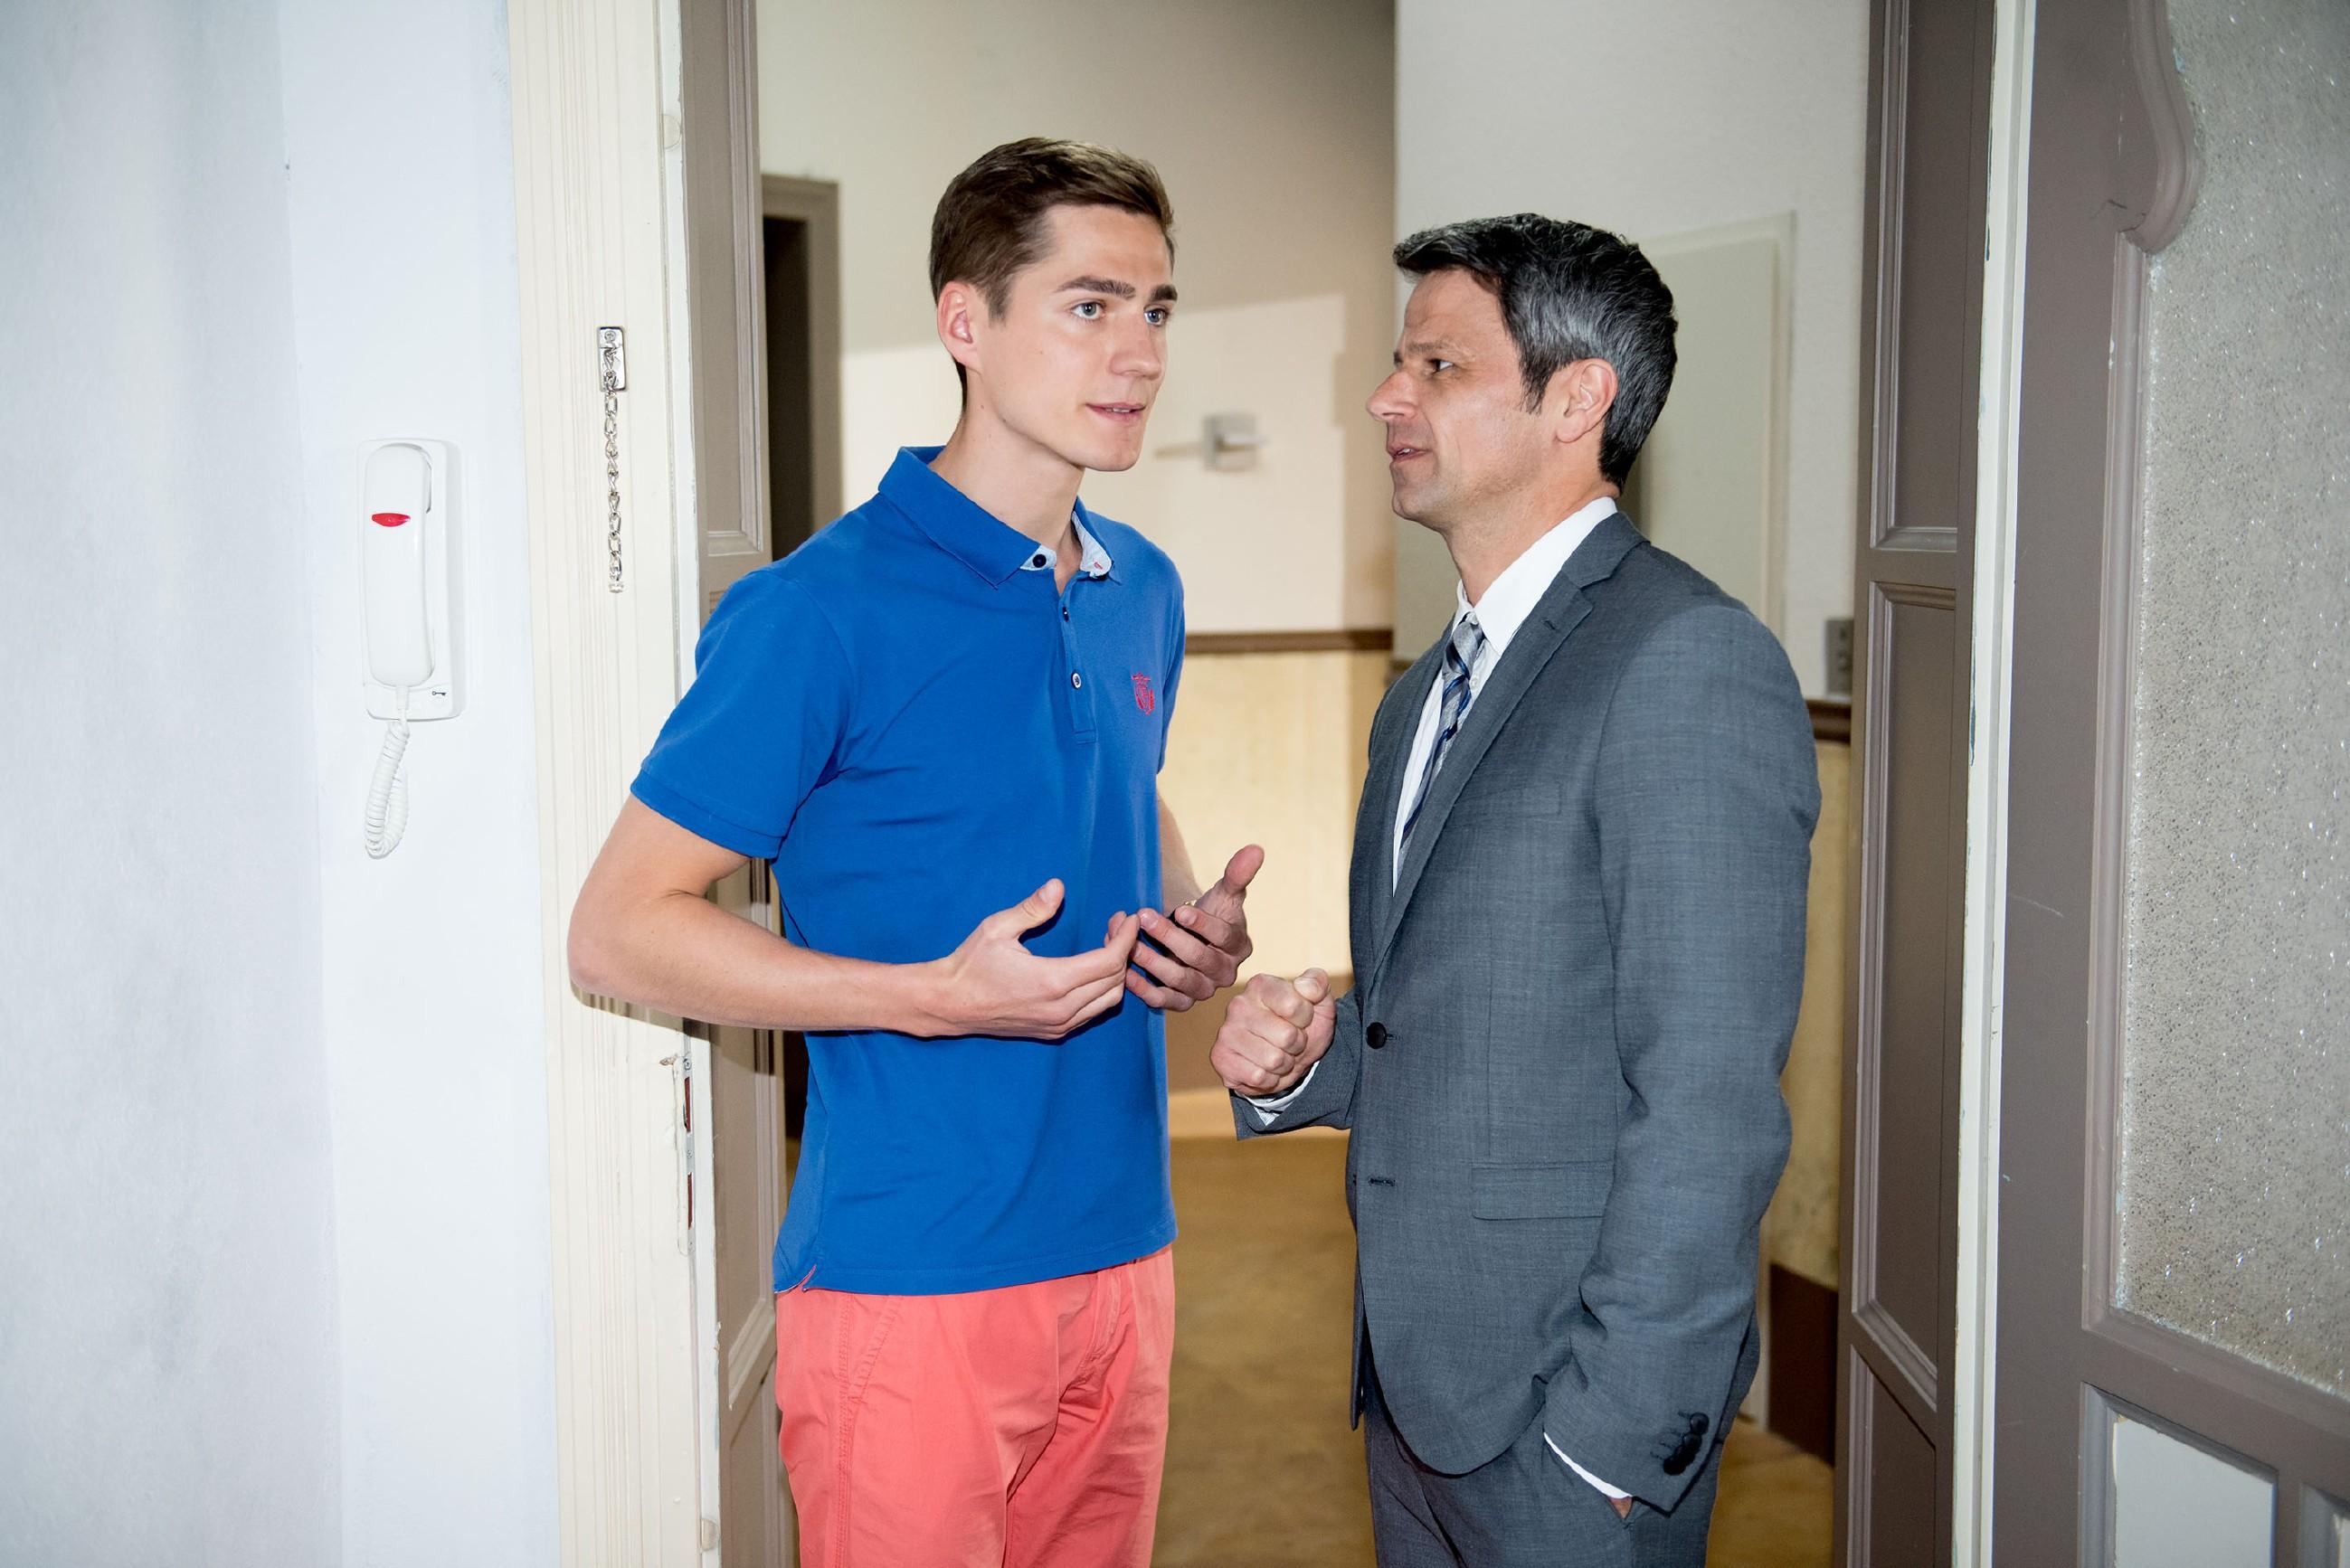 Ringo (Timothy Boldt, l.) scheint sich auf Benedikts (Jens Hajek) Seite zu schlagen, als er ihm einen Deal vorschlägt... (Quelle: RTL / Stefan Behrens)